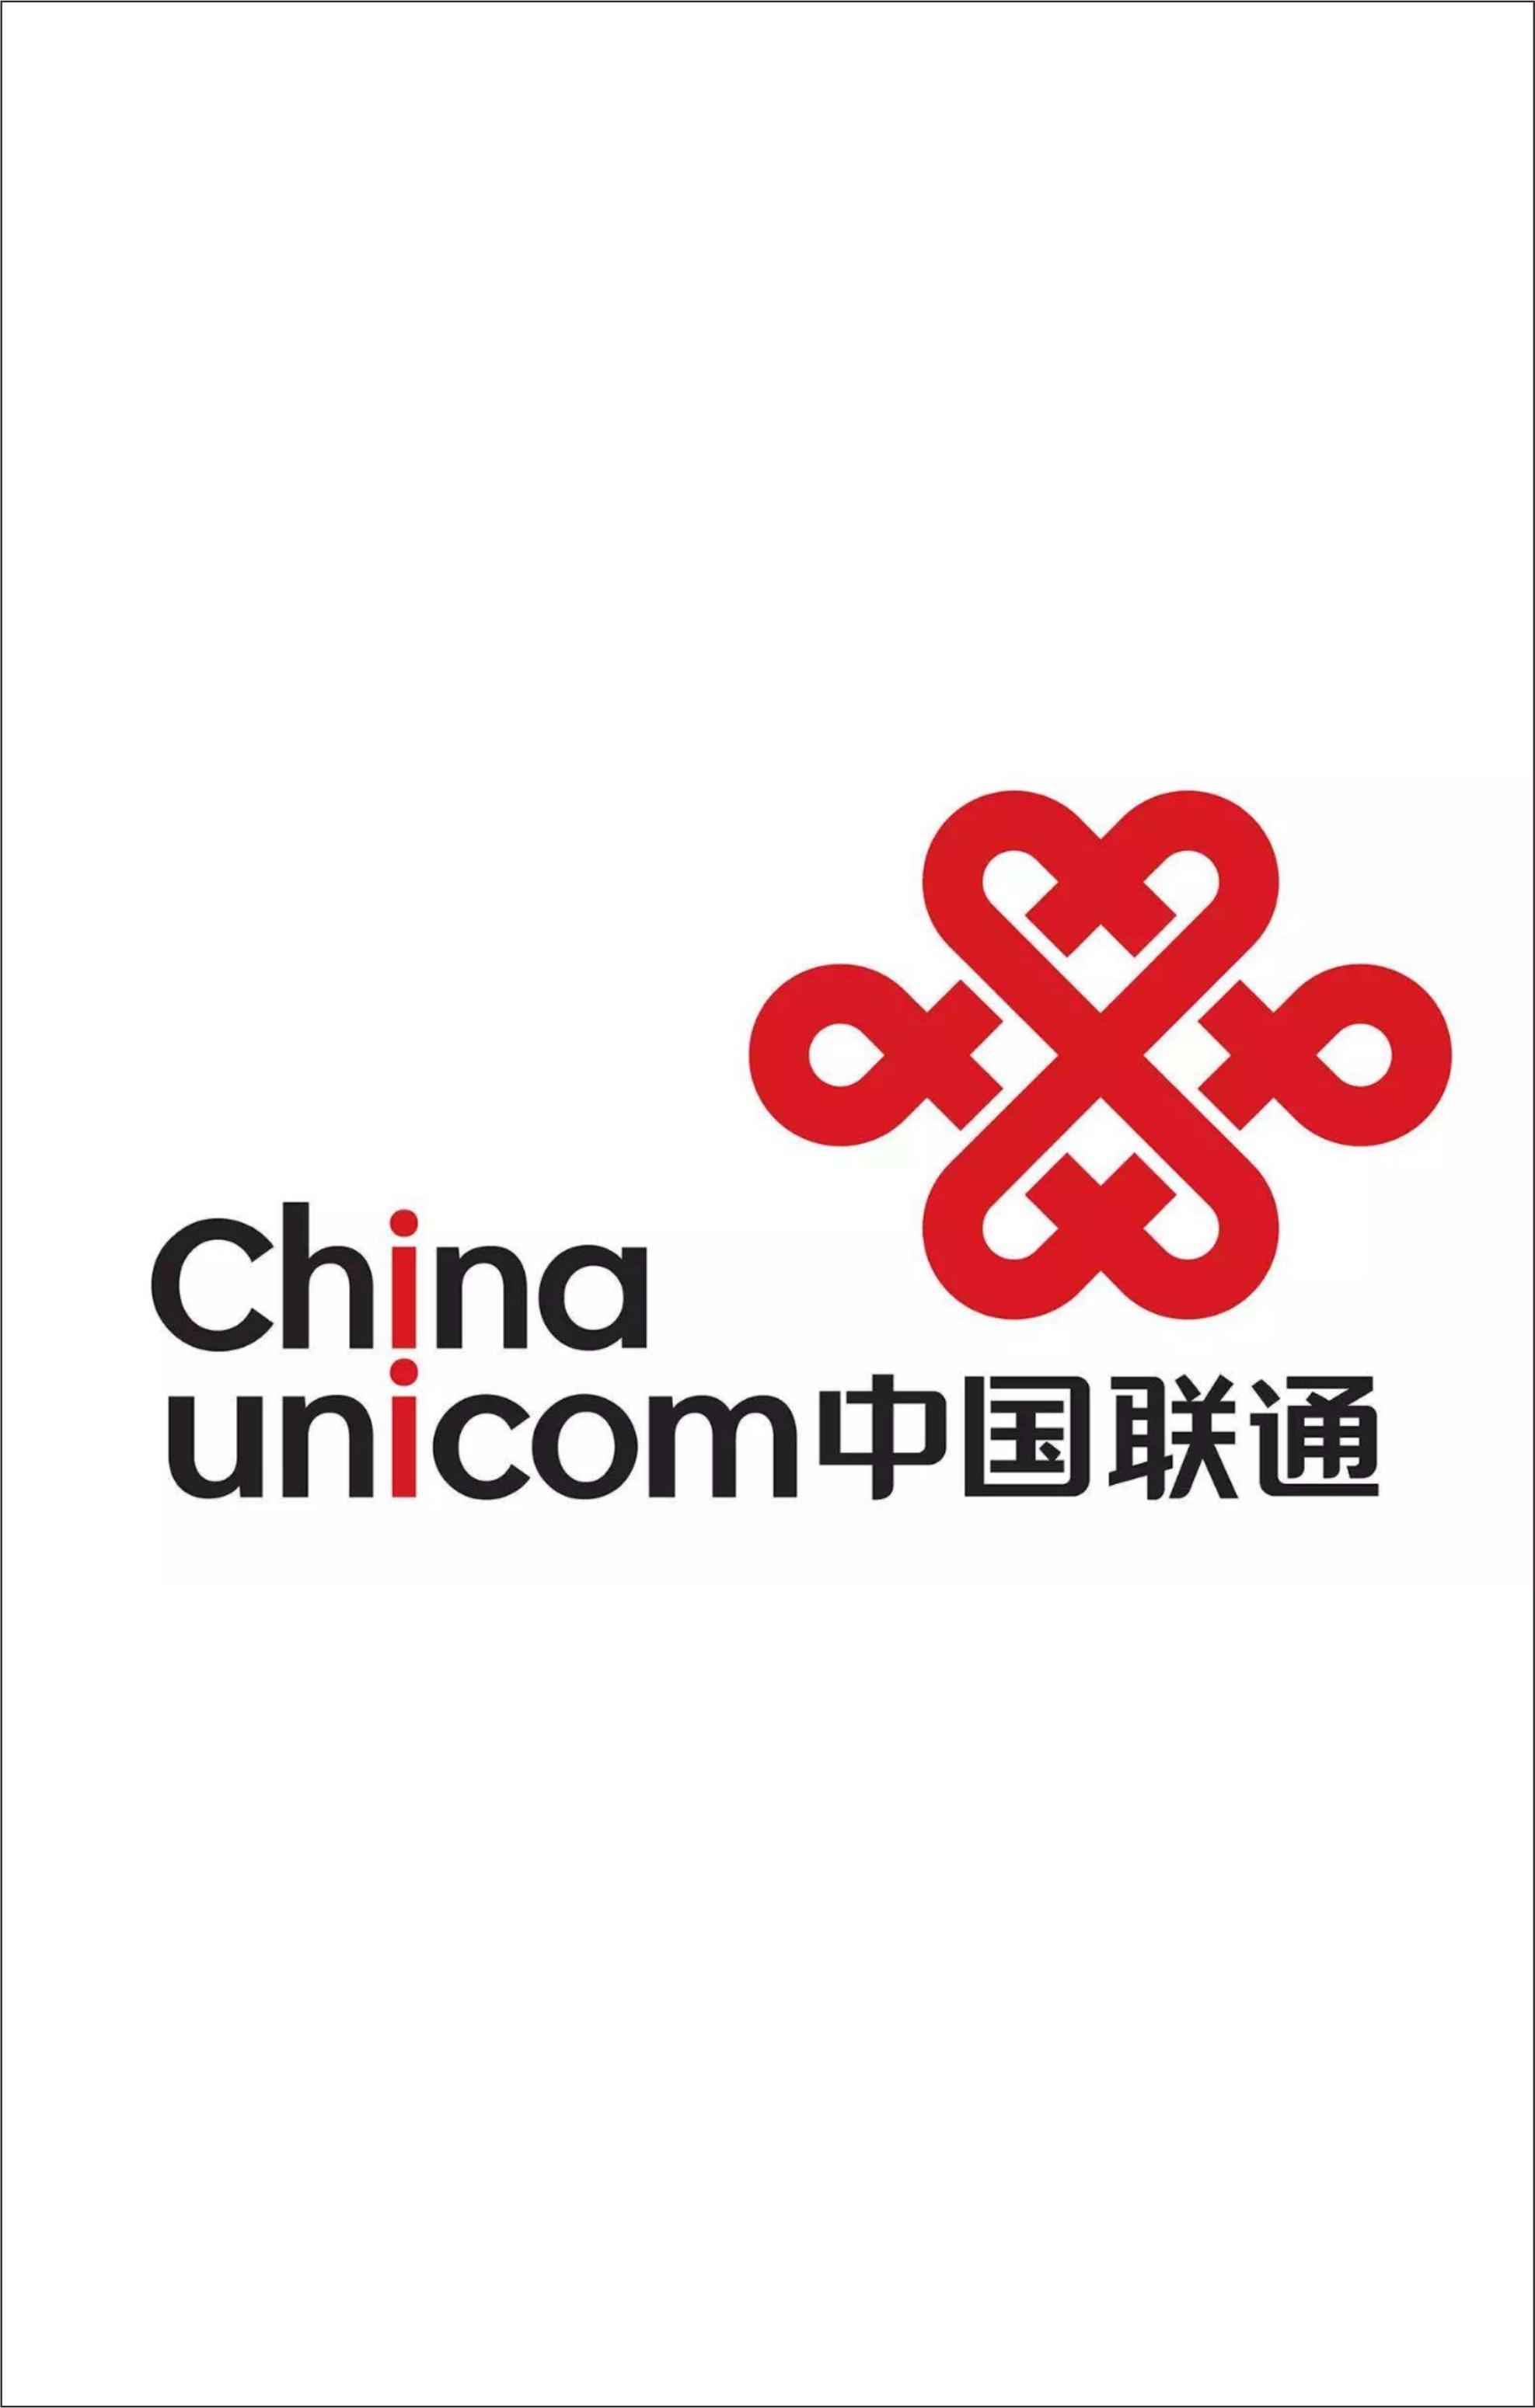 VI |  中国联通视觉系统